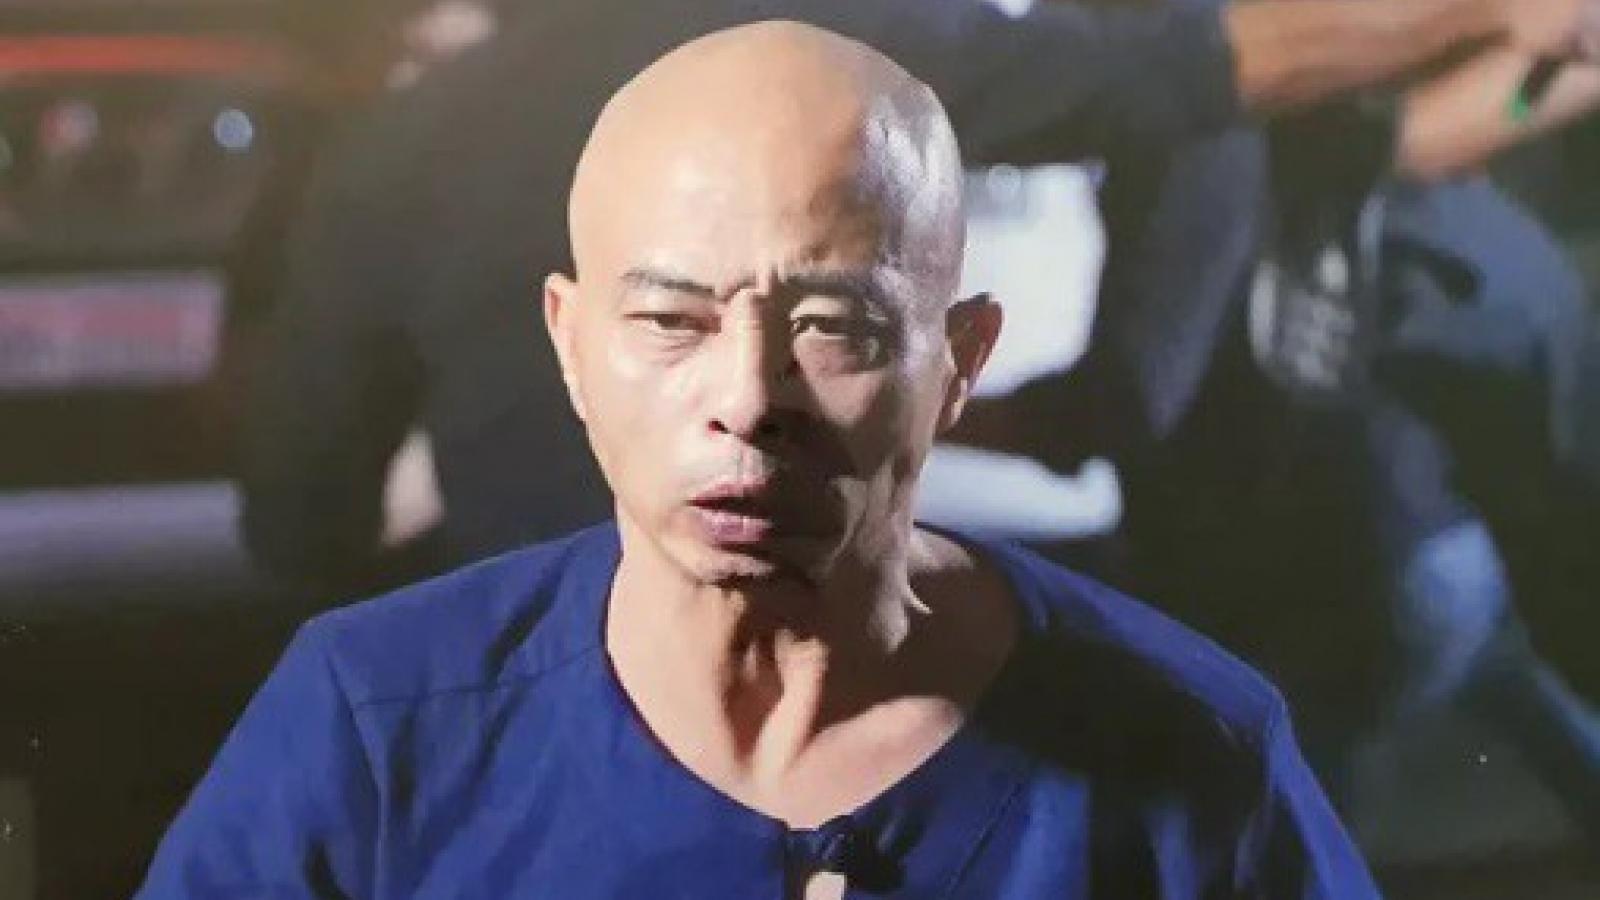 Khởi tố Nguyễn Xuân Đường vụ đánh người tại trụ sở công an ở Thái Bình